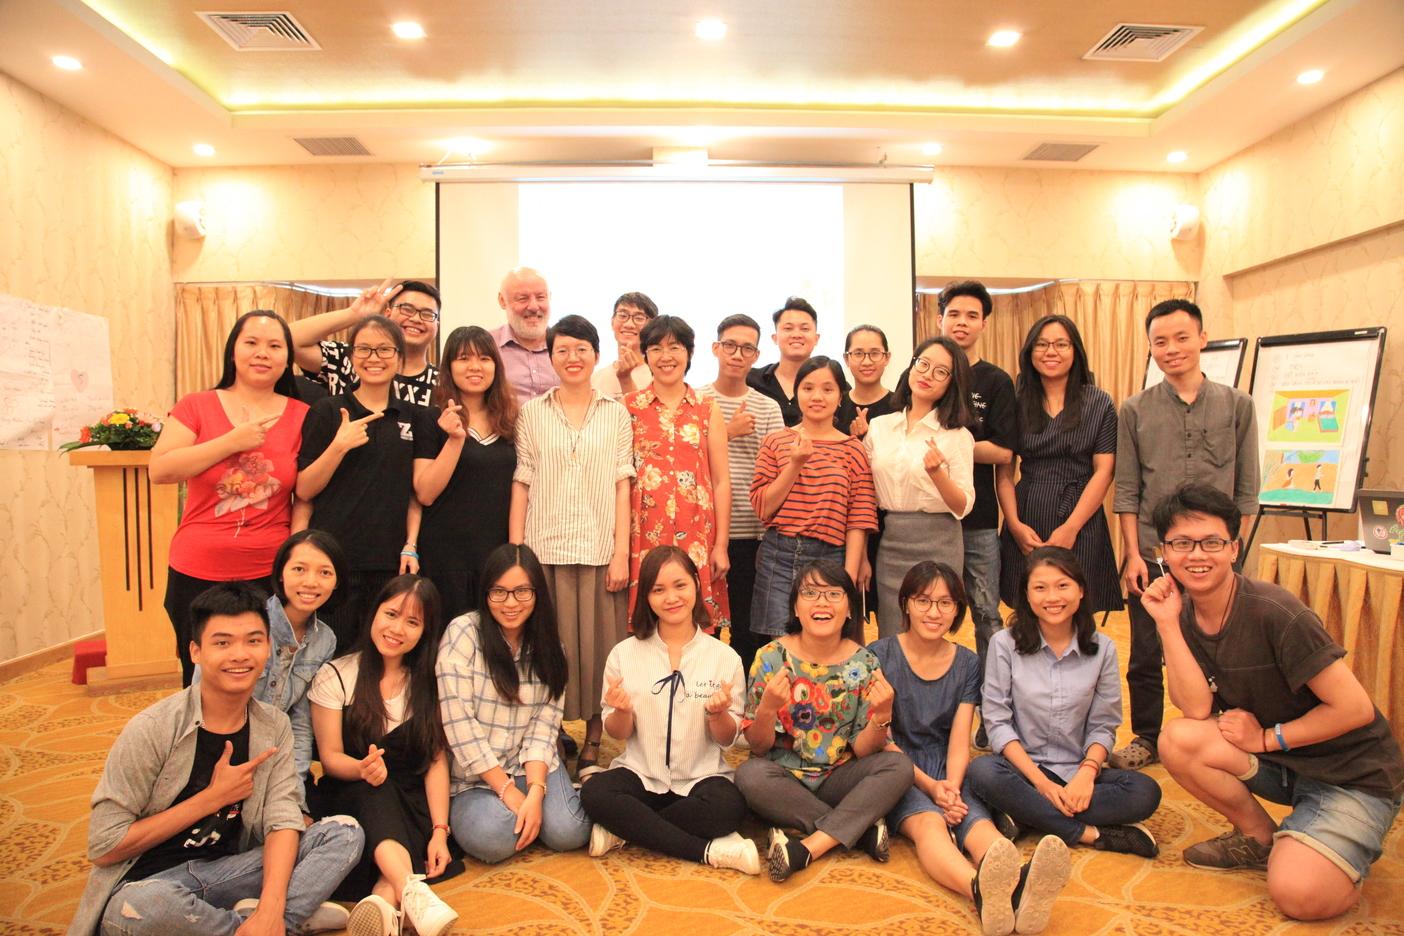 Diễn đàn kết nối thanh niên hoạt động về Sức khỏe sinh sản, tình dục và Quyền